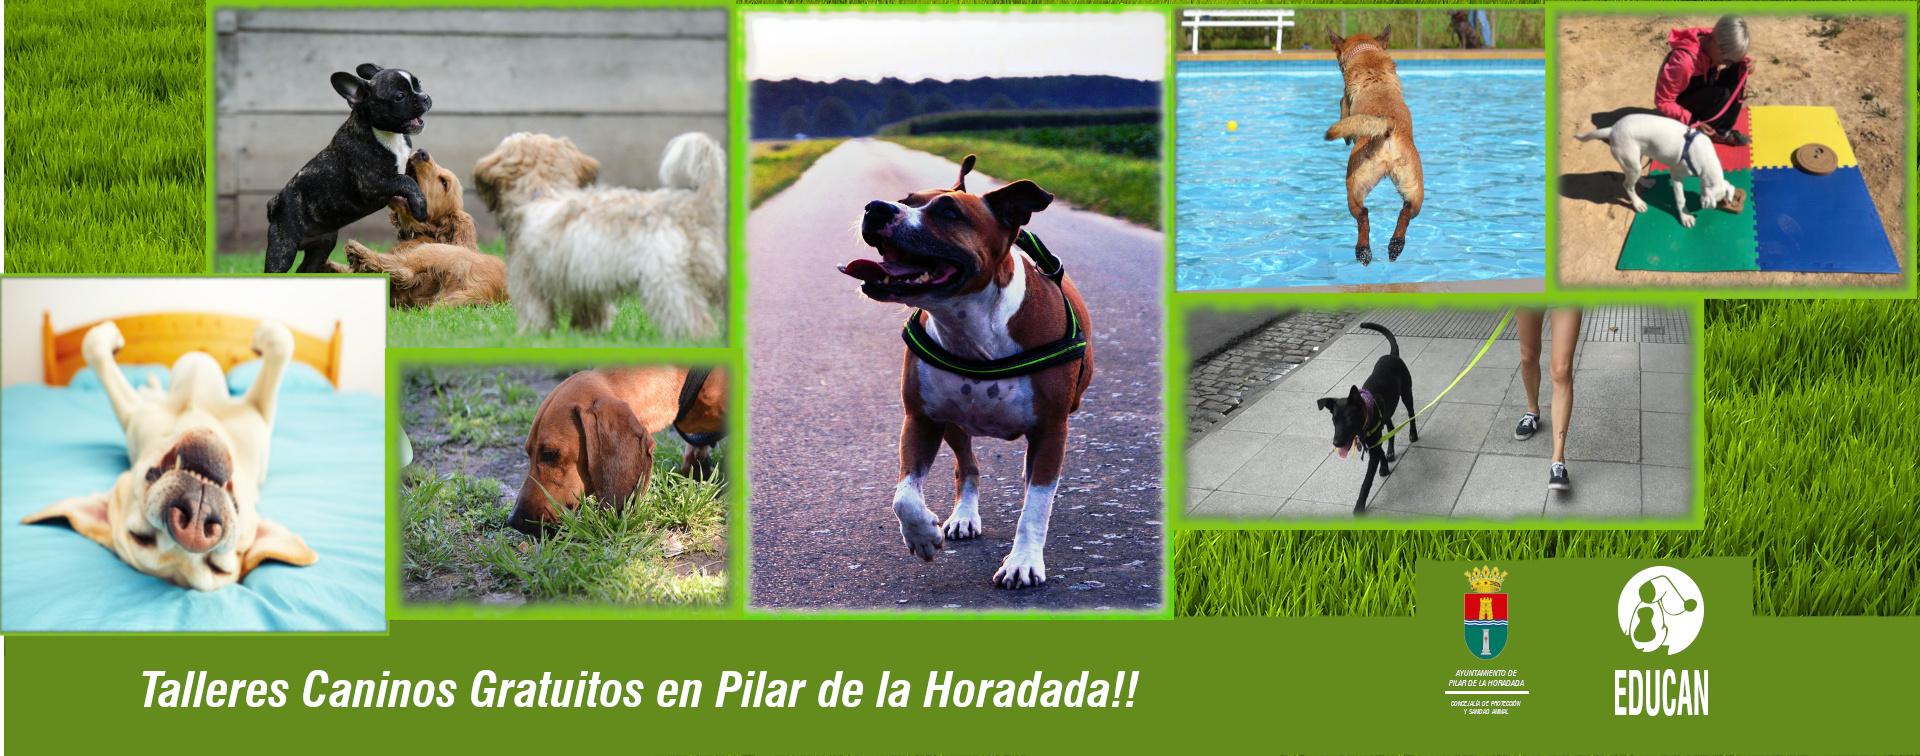 Talleres caninos gratuitos en colaboración con el ayuntamiento de Pilar de la Horadada